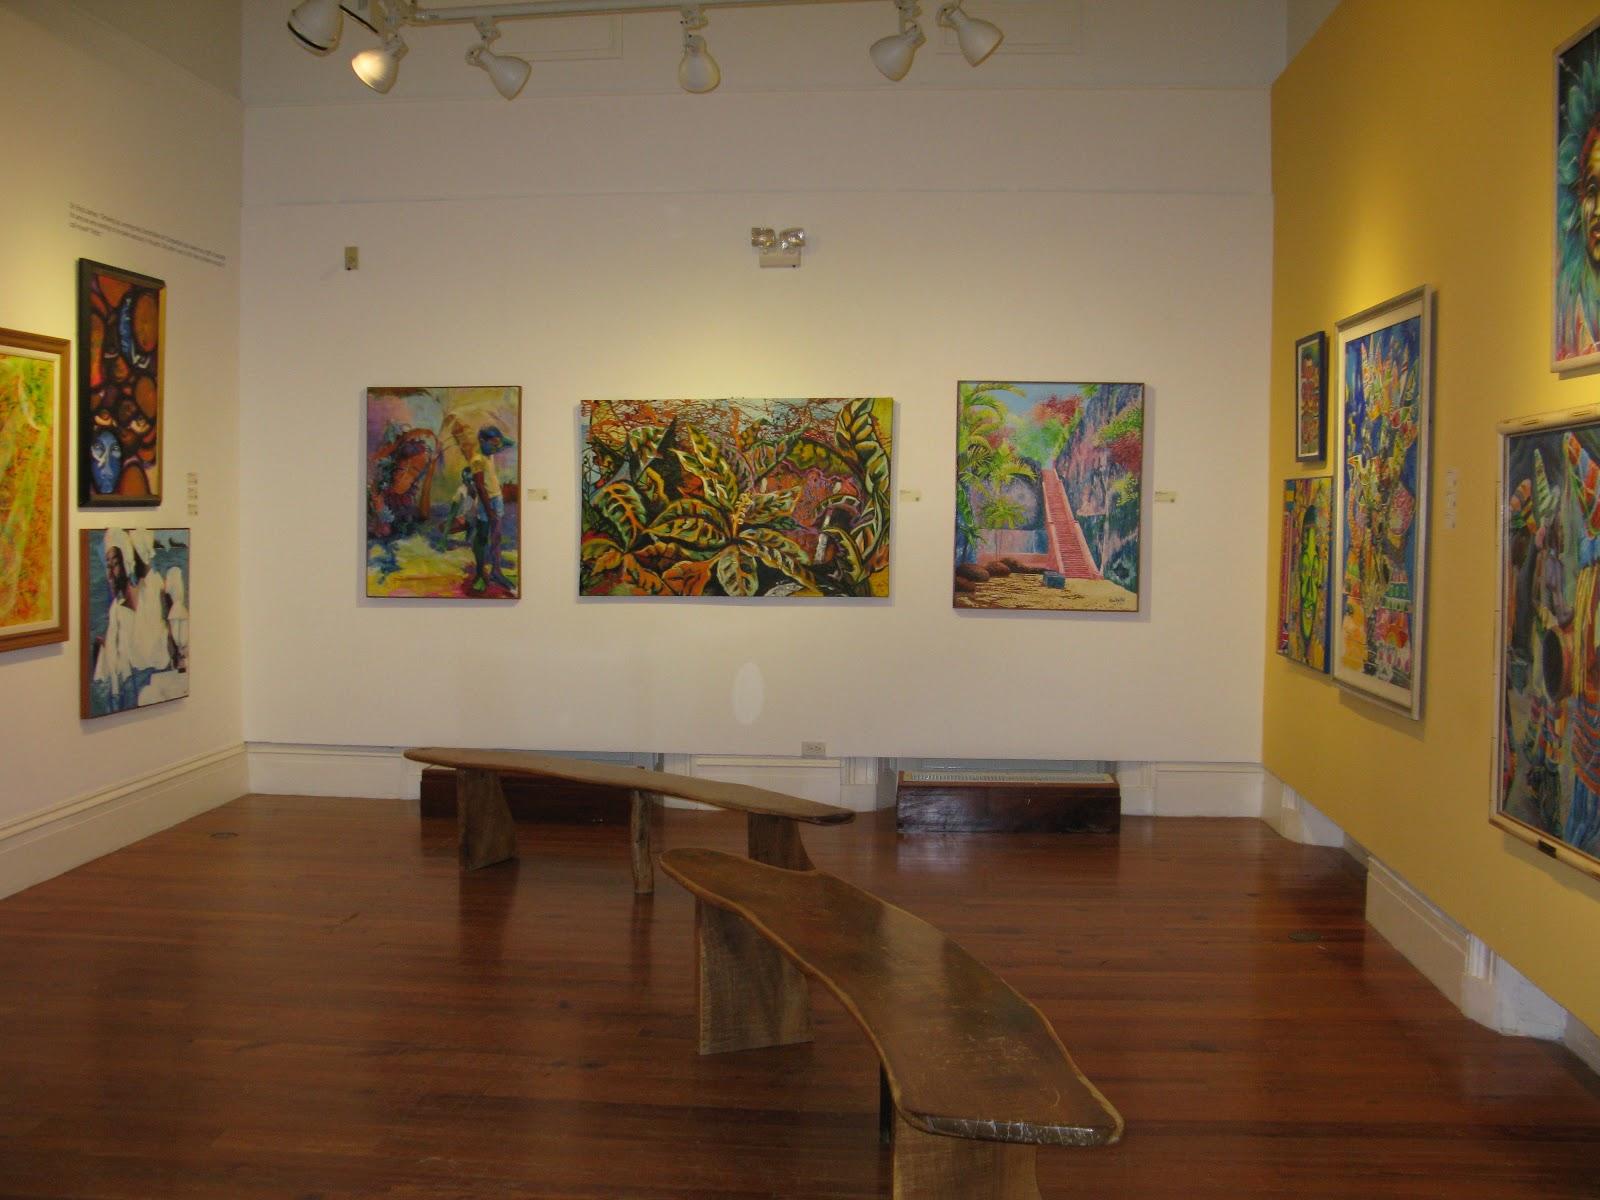 گالری ملی هنر در ناسائو